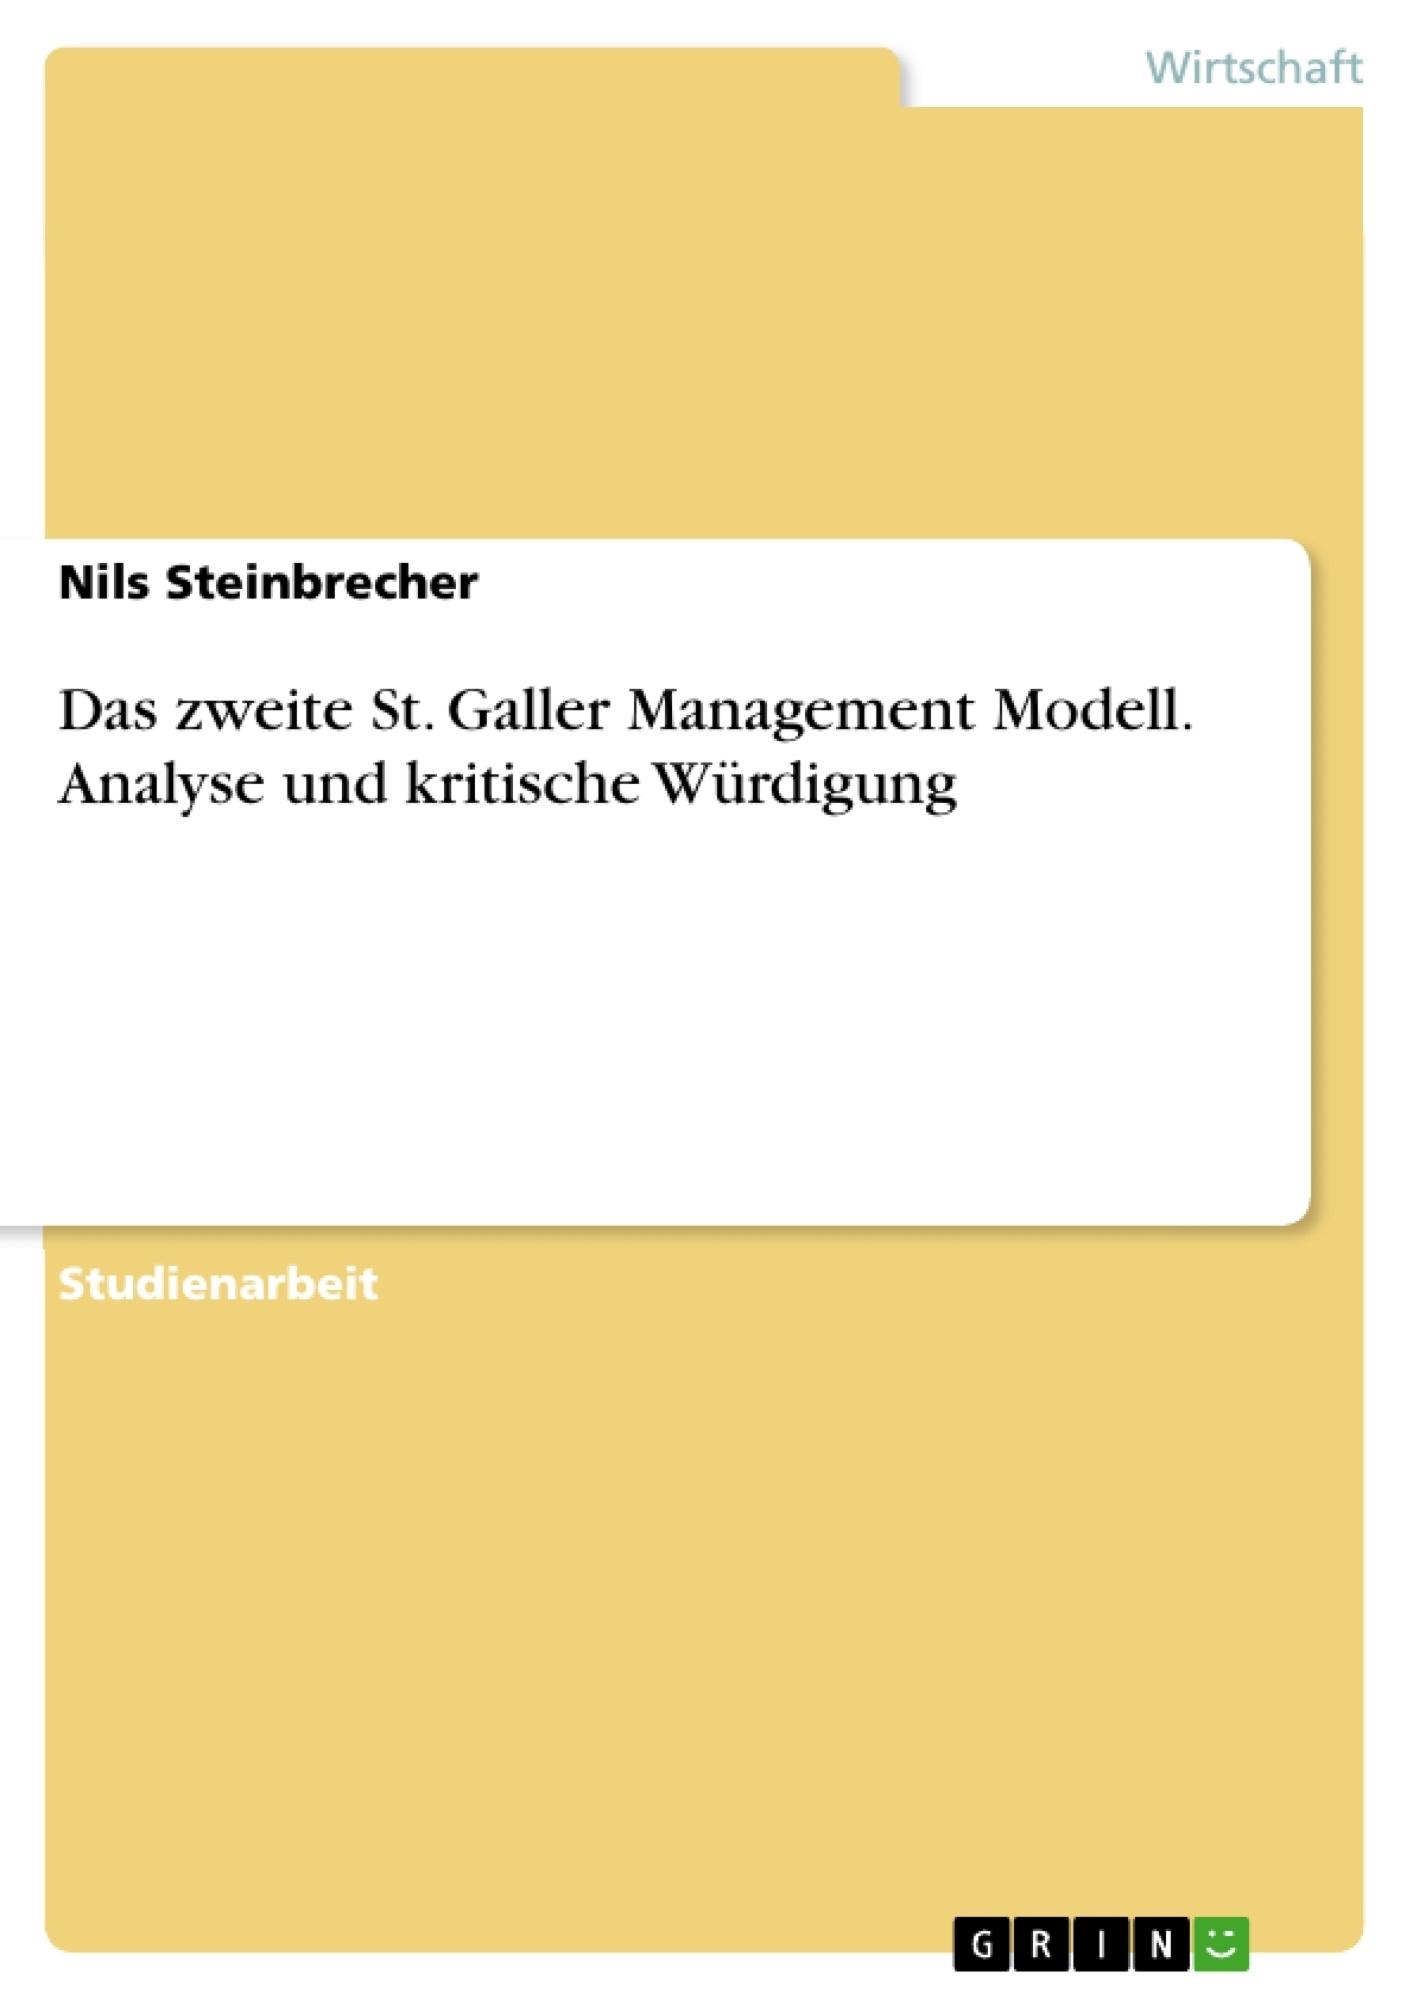 Titel: Das zweite St. Galler Management Modell. Analyse und kritische Würdigung